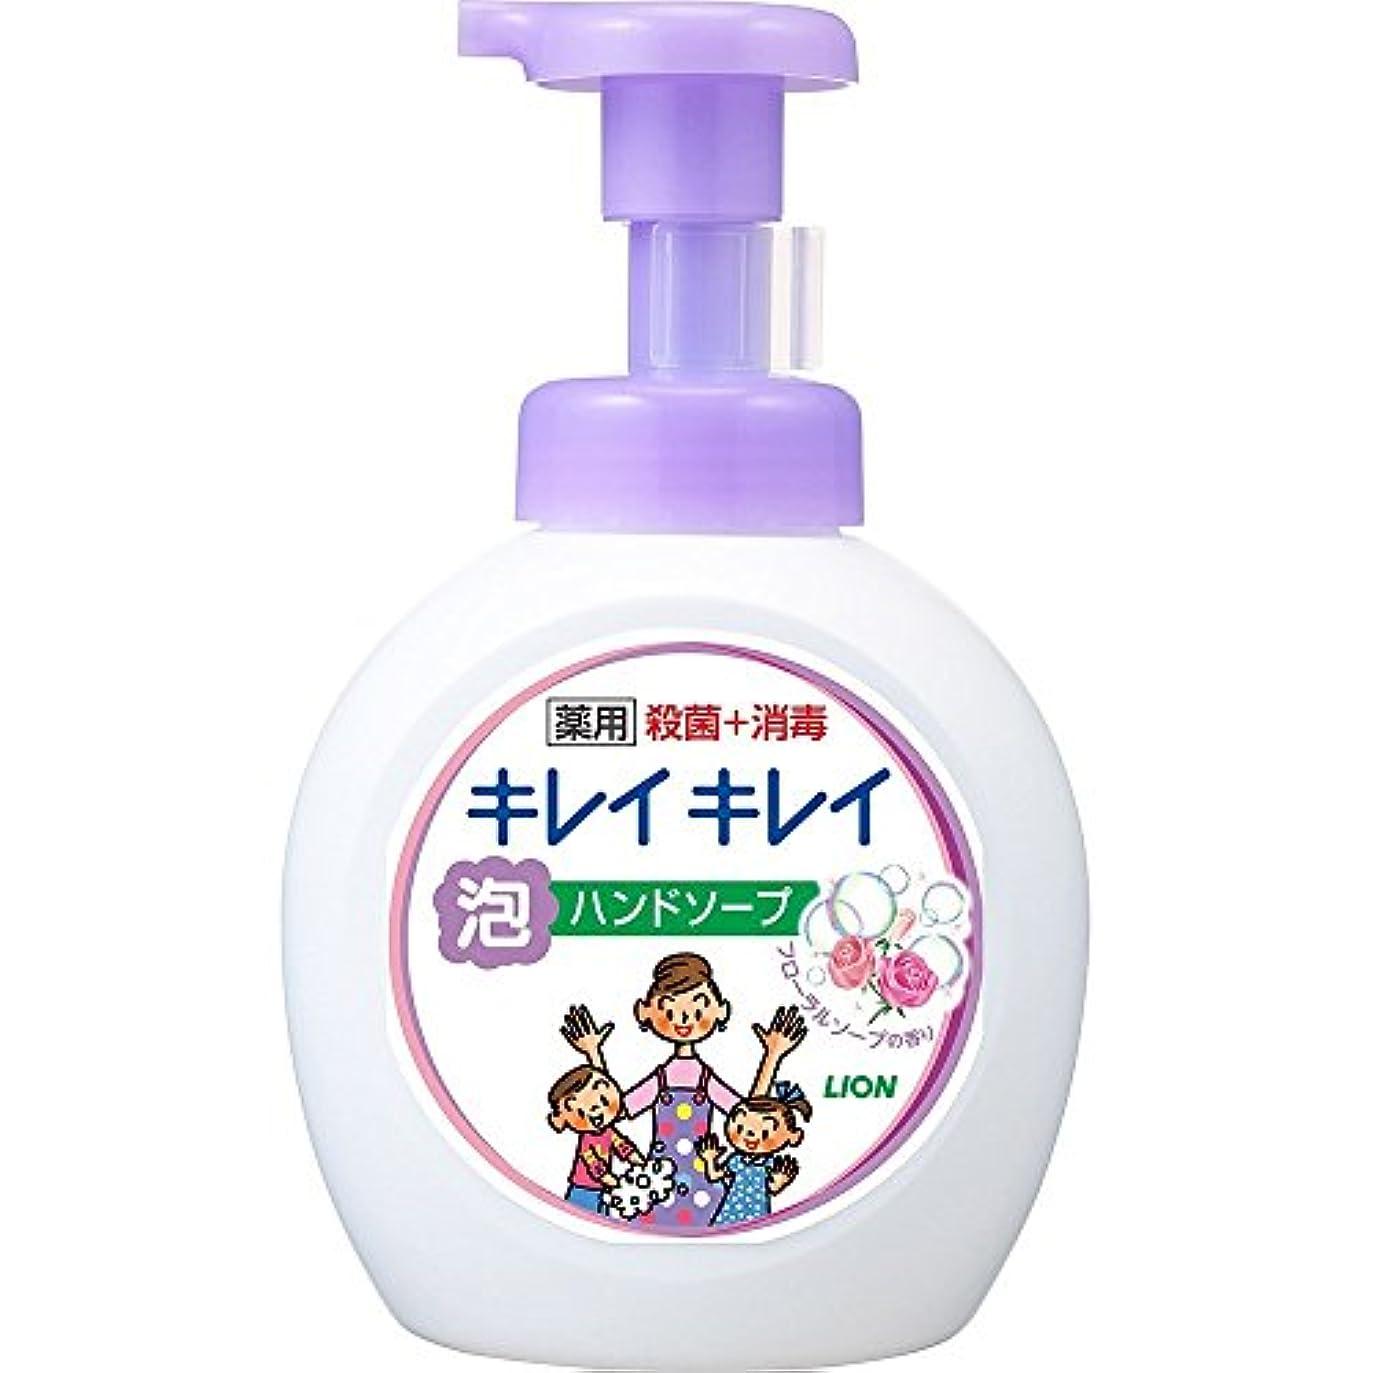 証明書消えるヨーグルトキレイキレイ 薬用 泡ハンドソープ フローラルソープの香り 本体ポンプ 大型サイズ 500ml(医薬部外品)